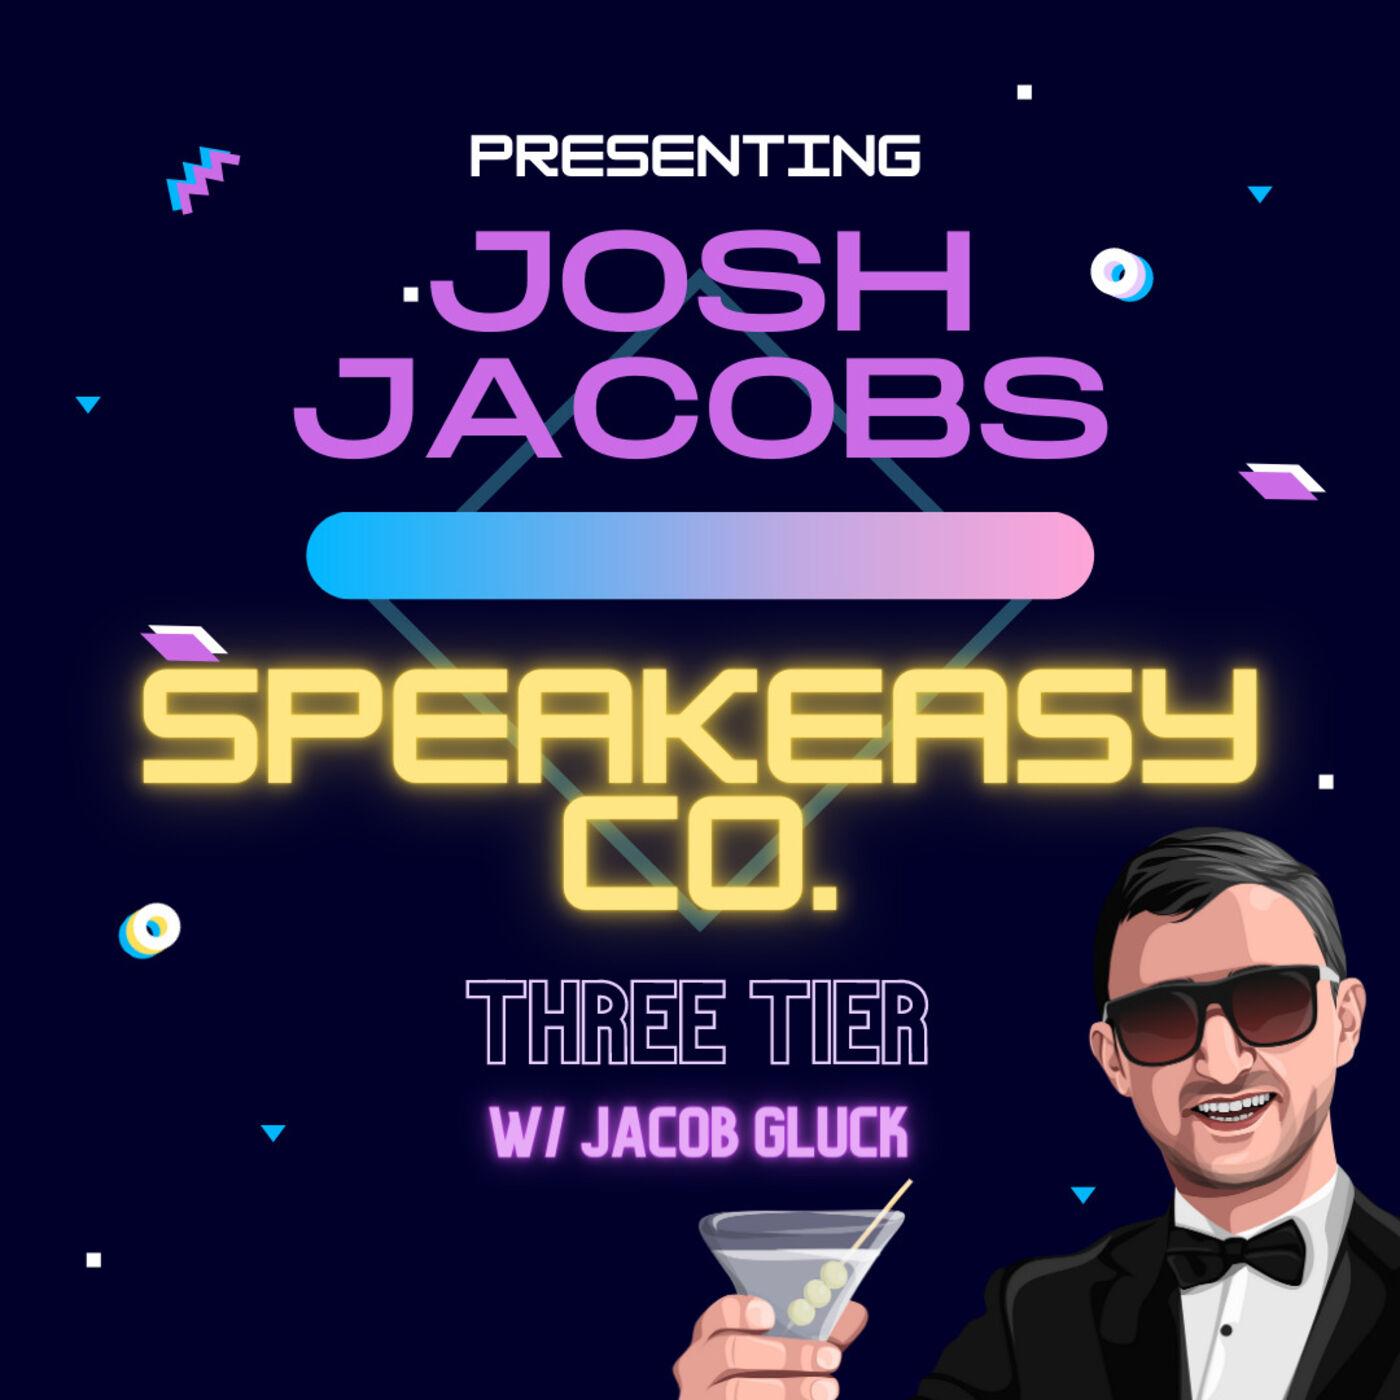 Josh Jacobs - Speakeasy Co. - eCommerce & Alcohol